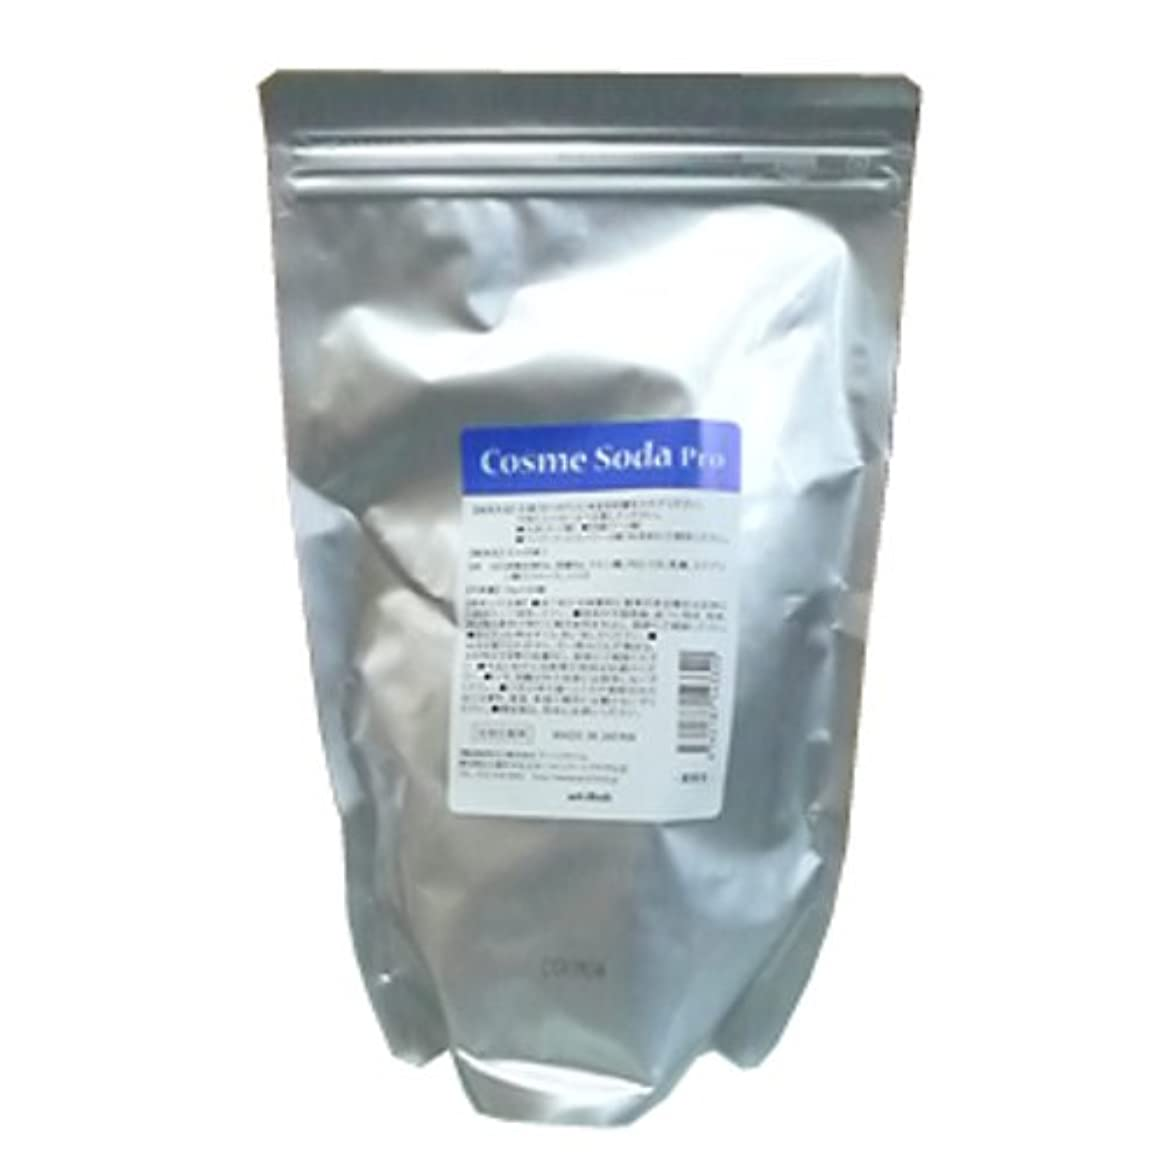 欠かせない毎月願う重炭酸SPA Cosme Soda Pro(コスメソーダプロ) 16g×60錠入り(業務用)